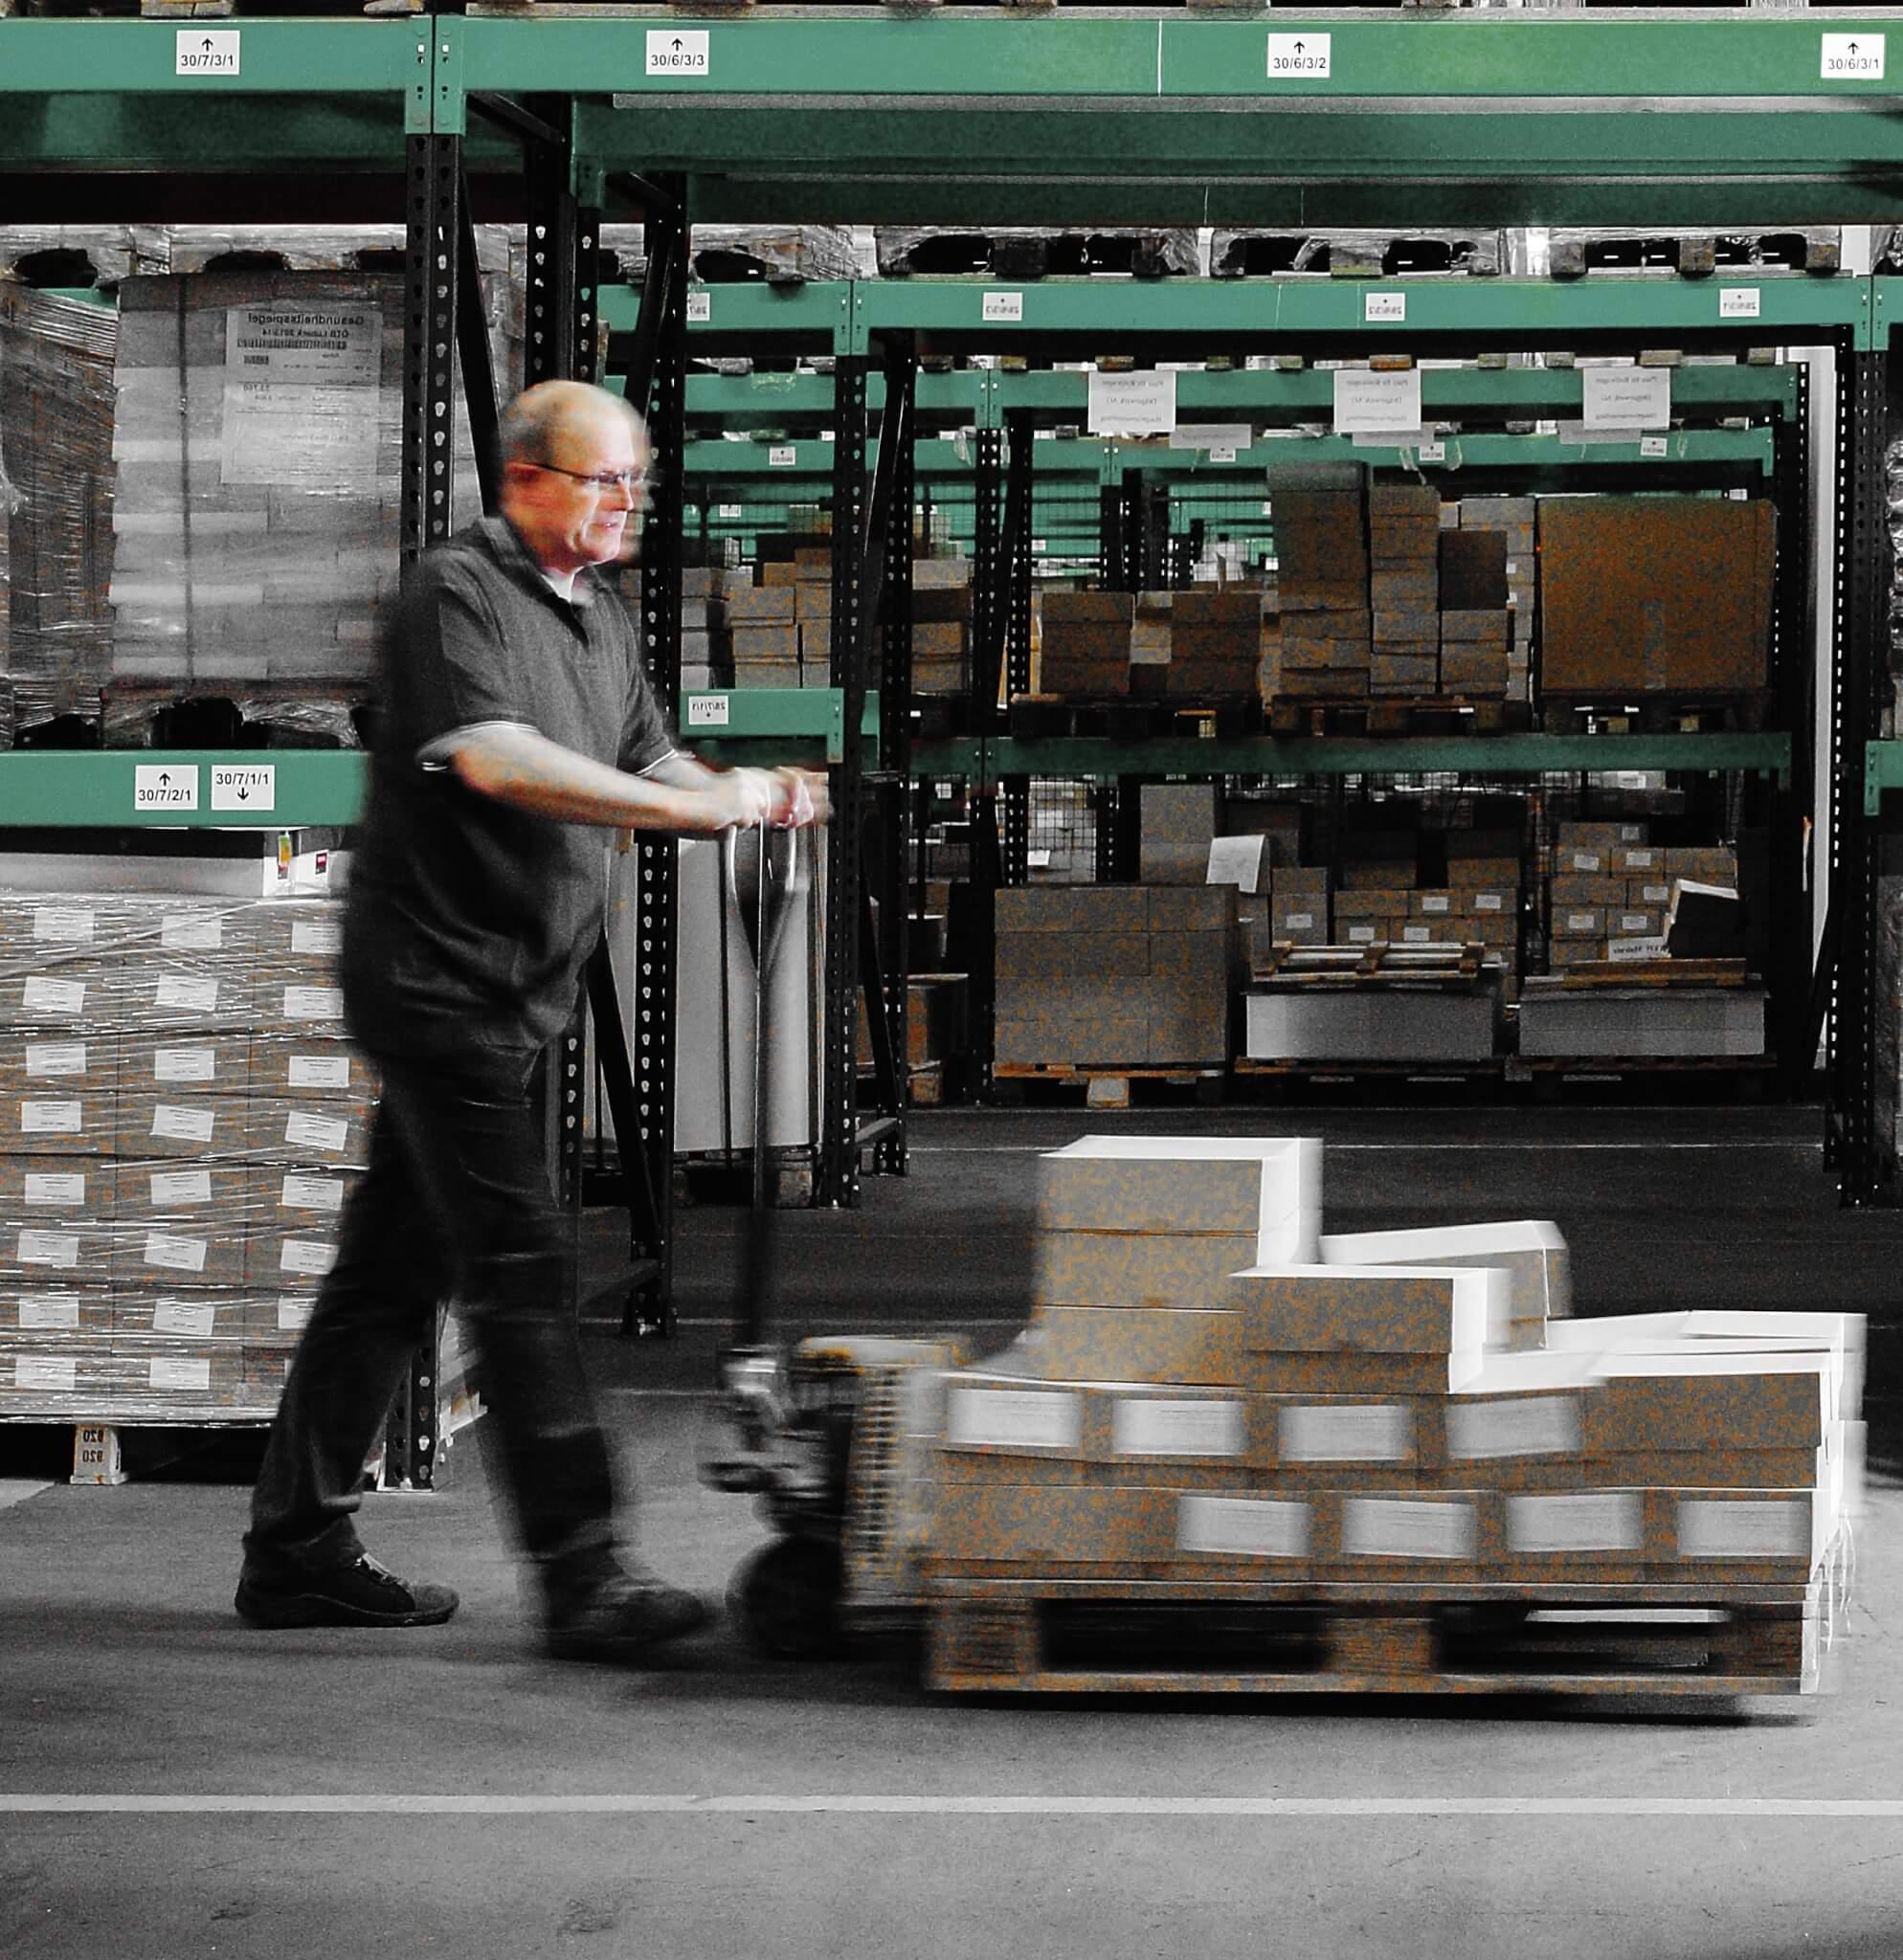 Wir lagern und liefern Ihre Produkte zuverlässig und termingerecht